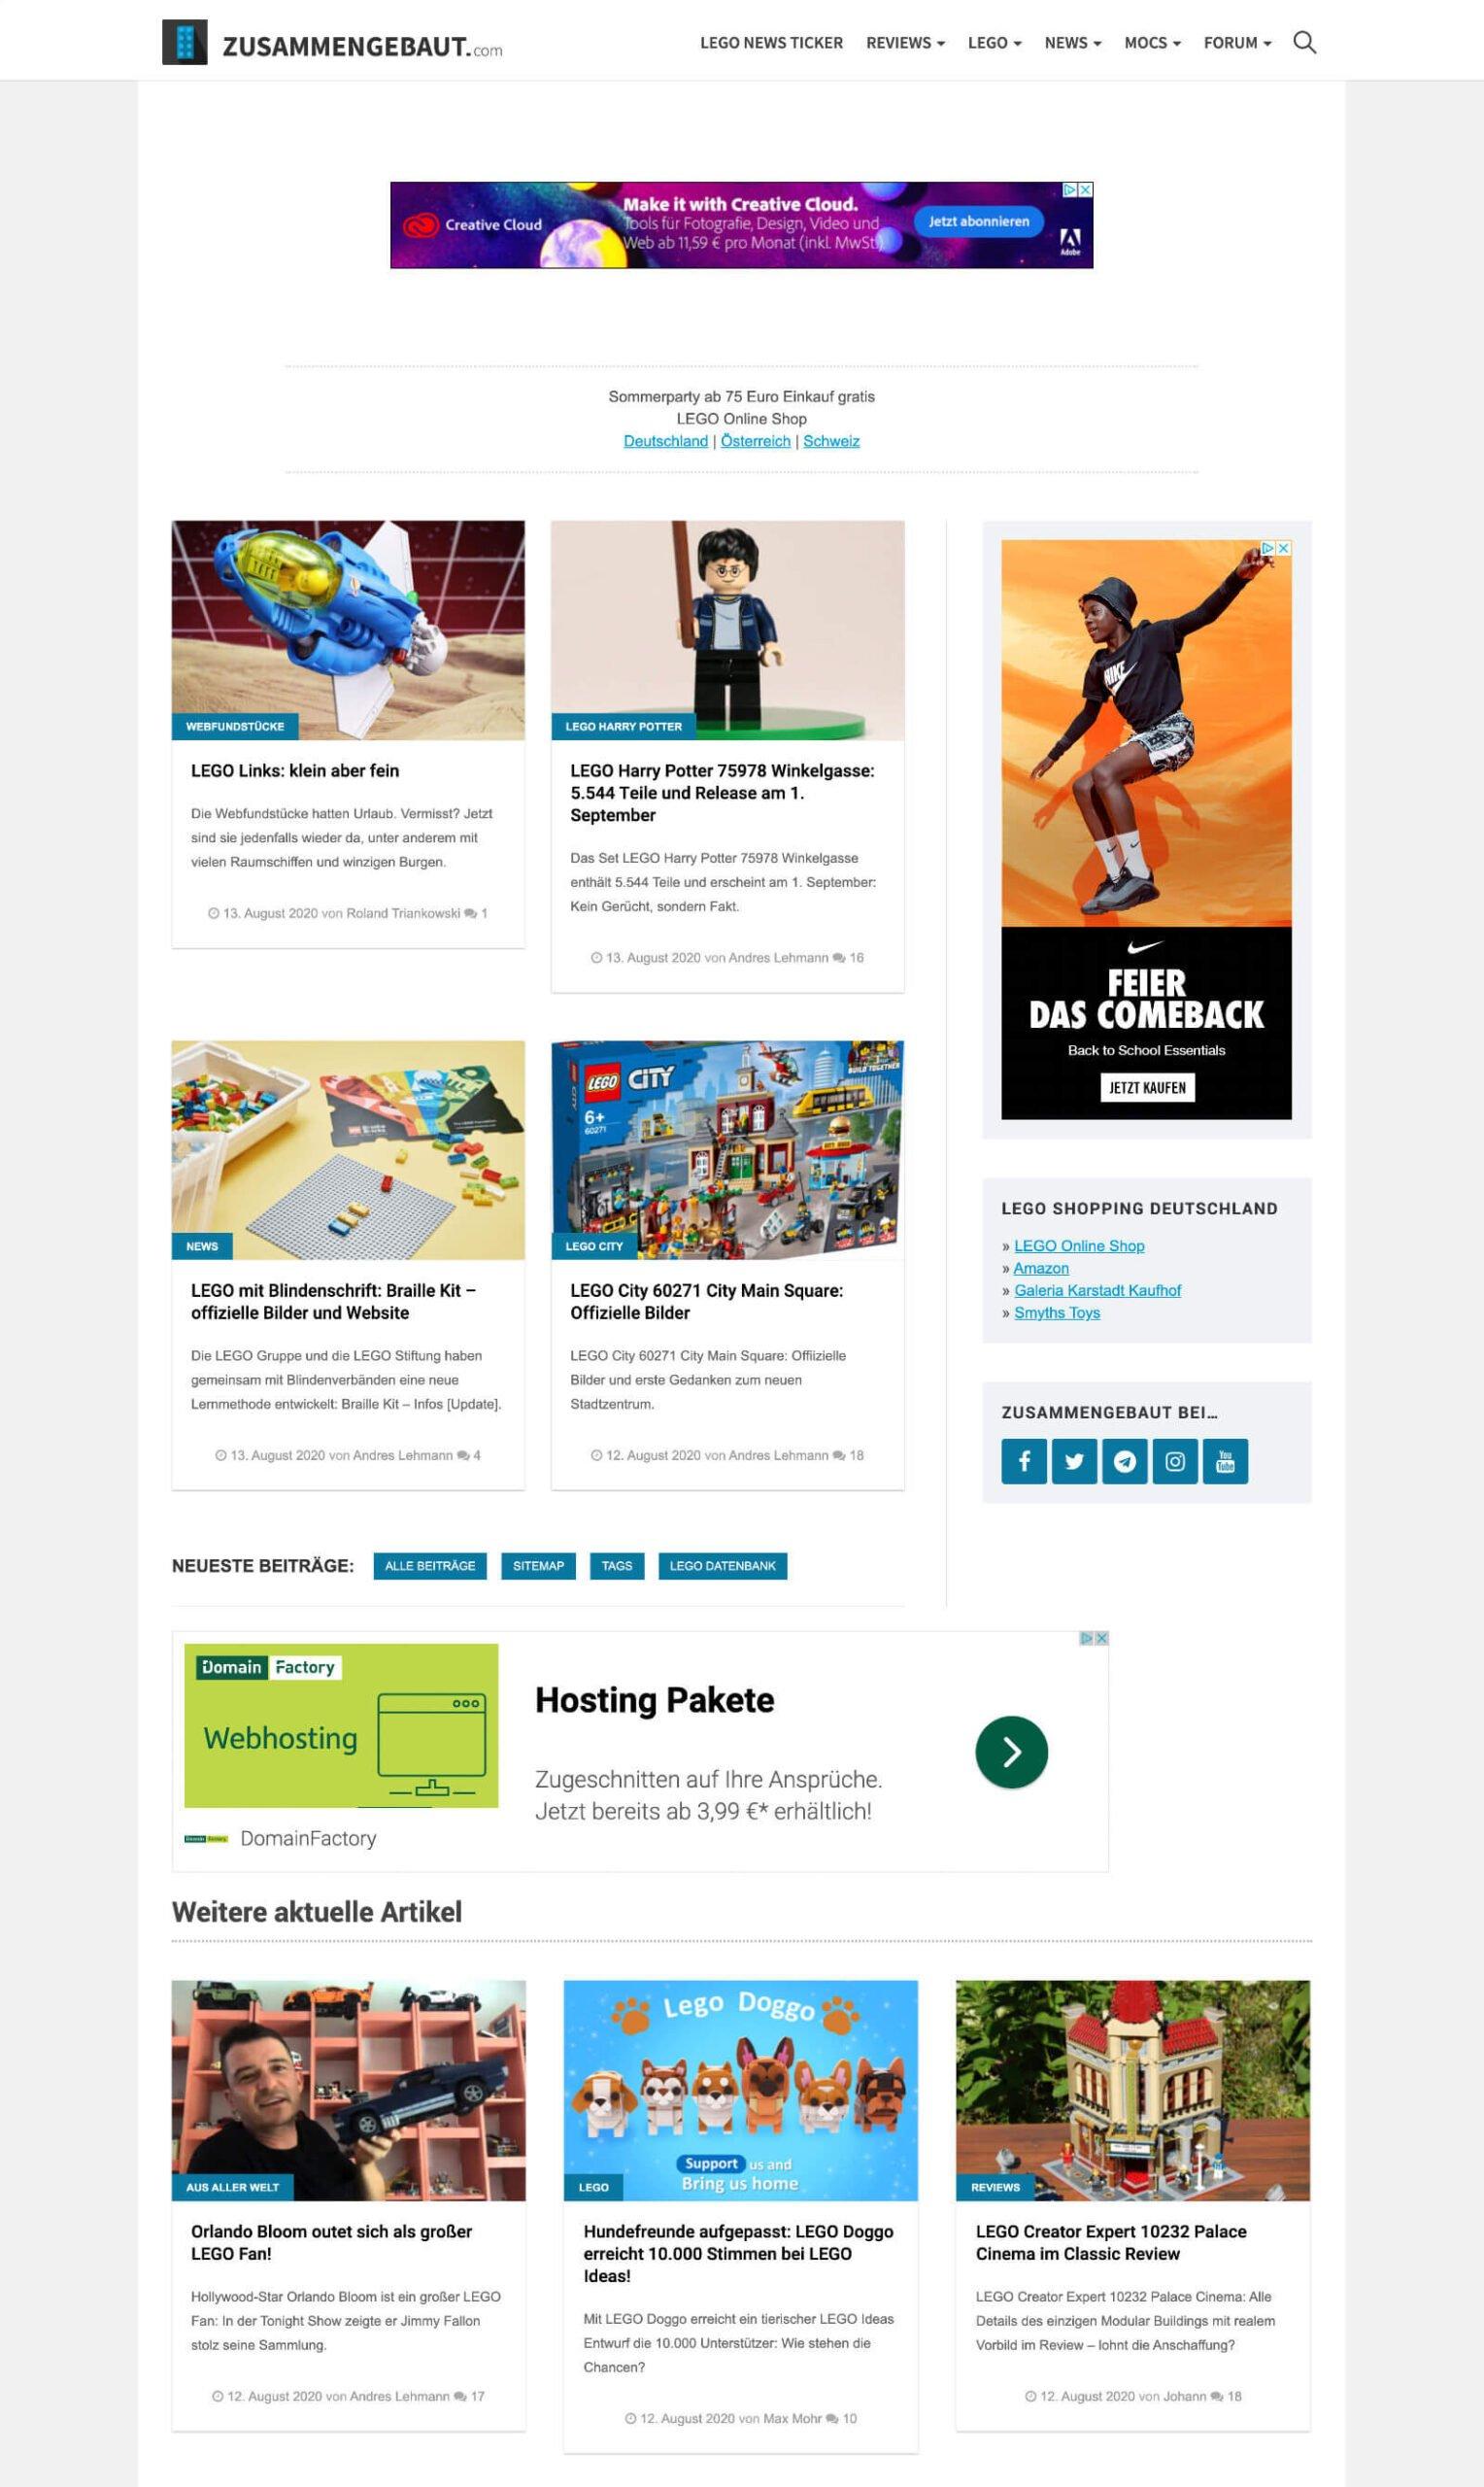 Die Startseite von Zusammengebaut.com